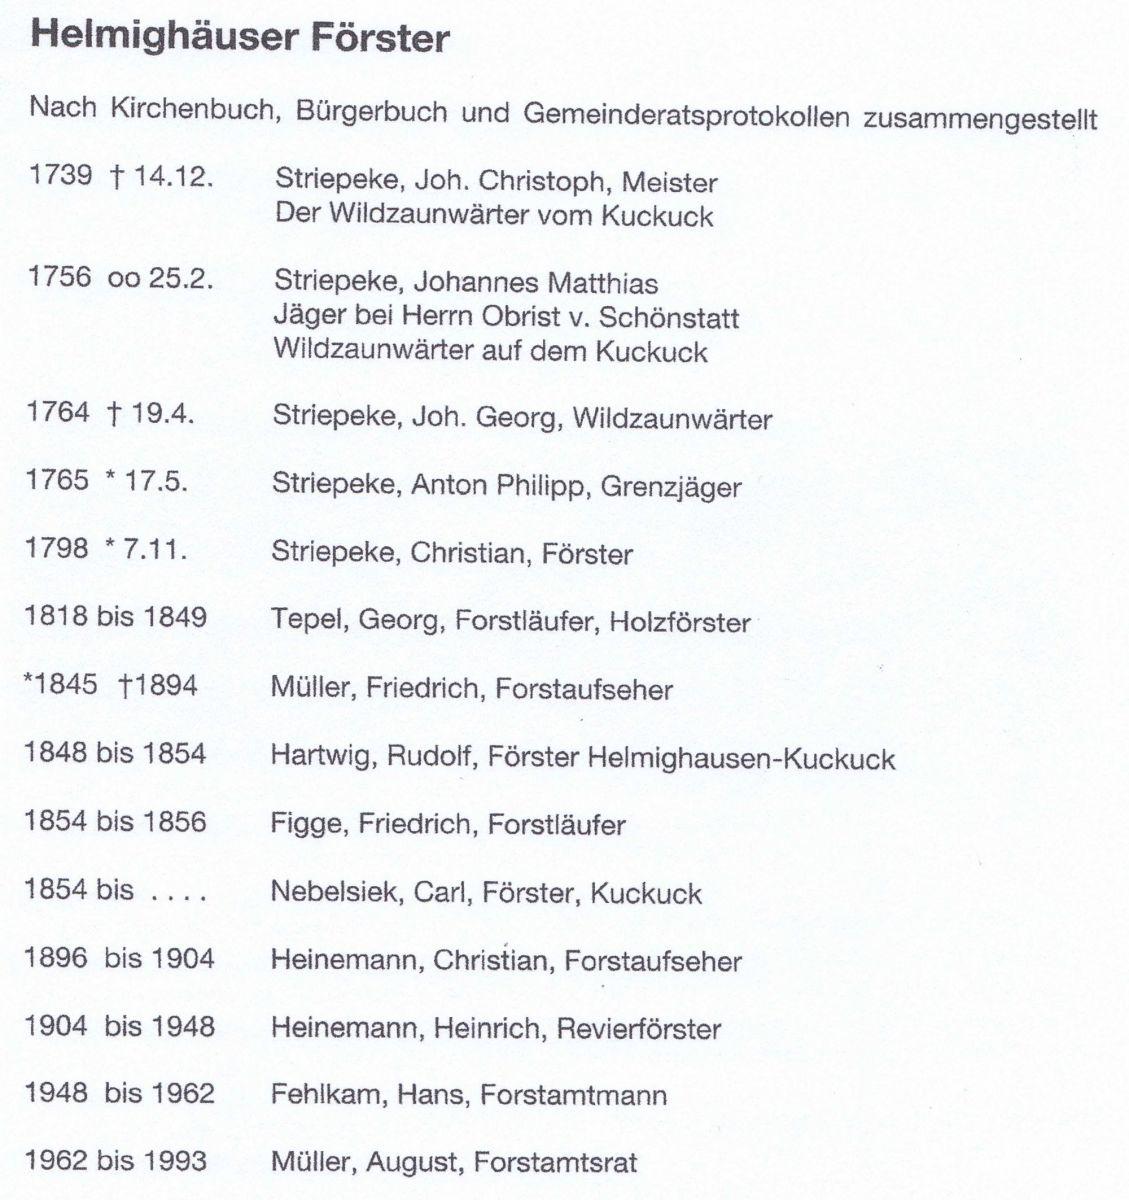 Helmighäuser Förster